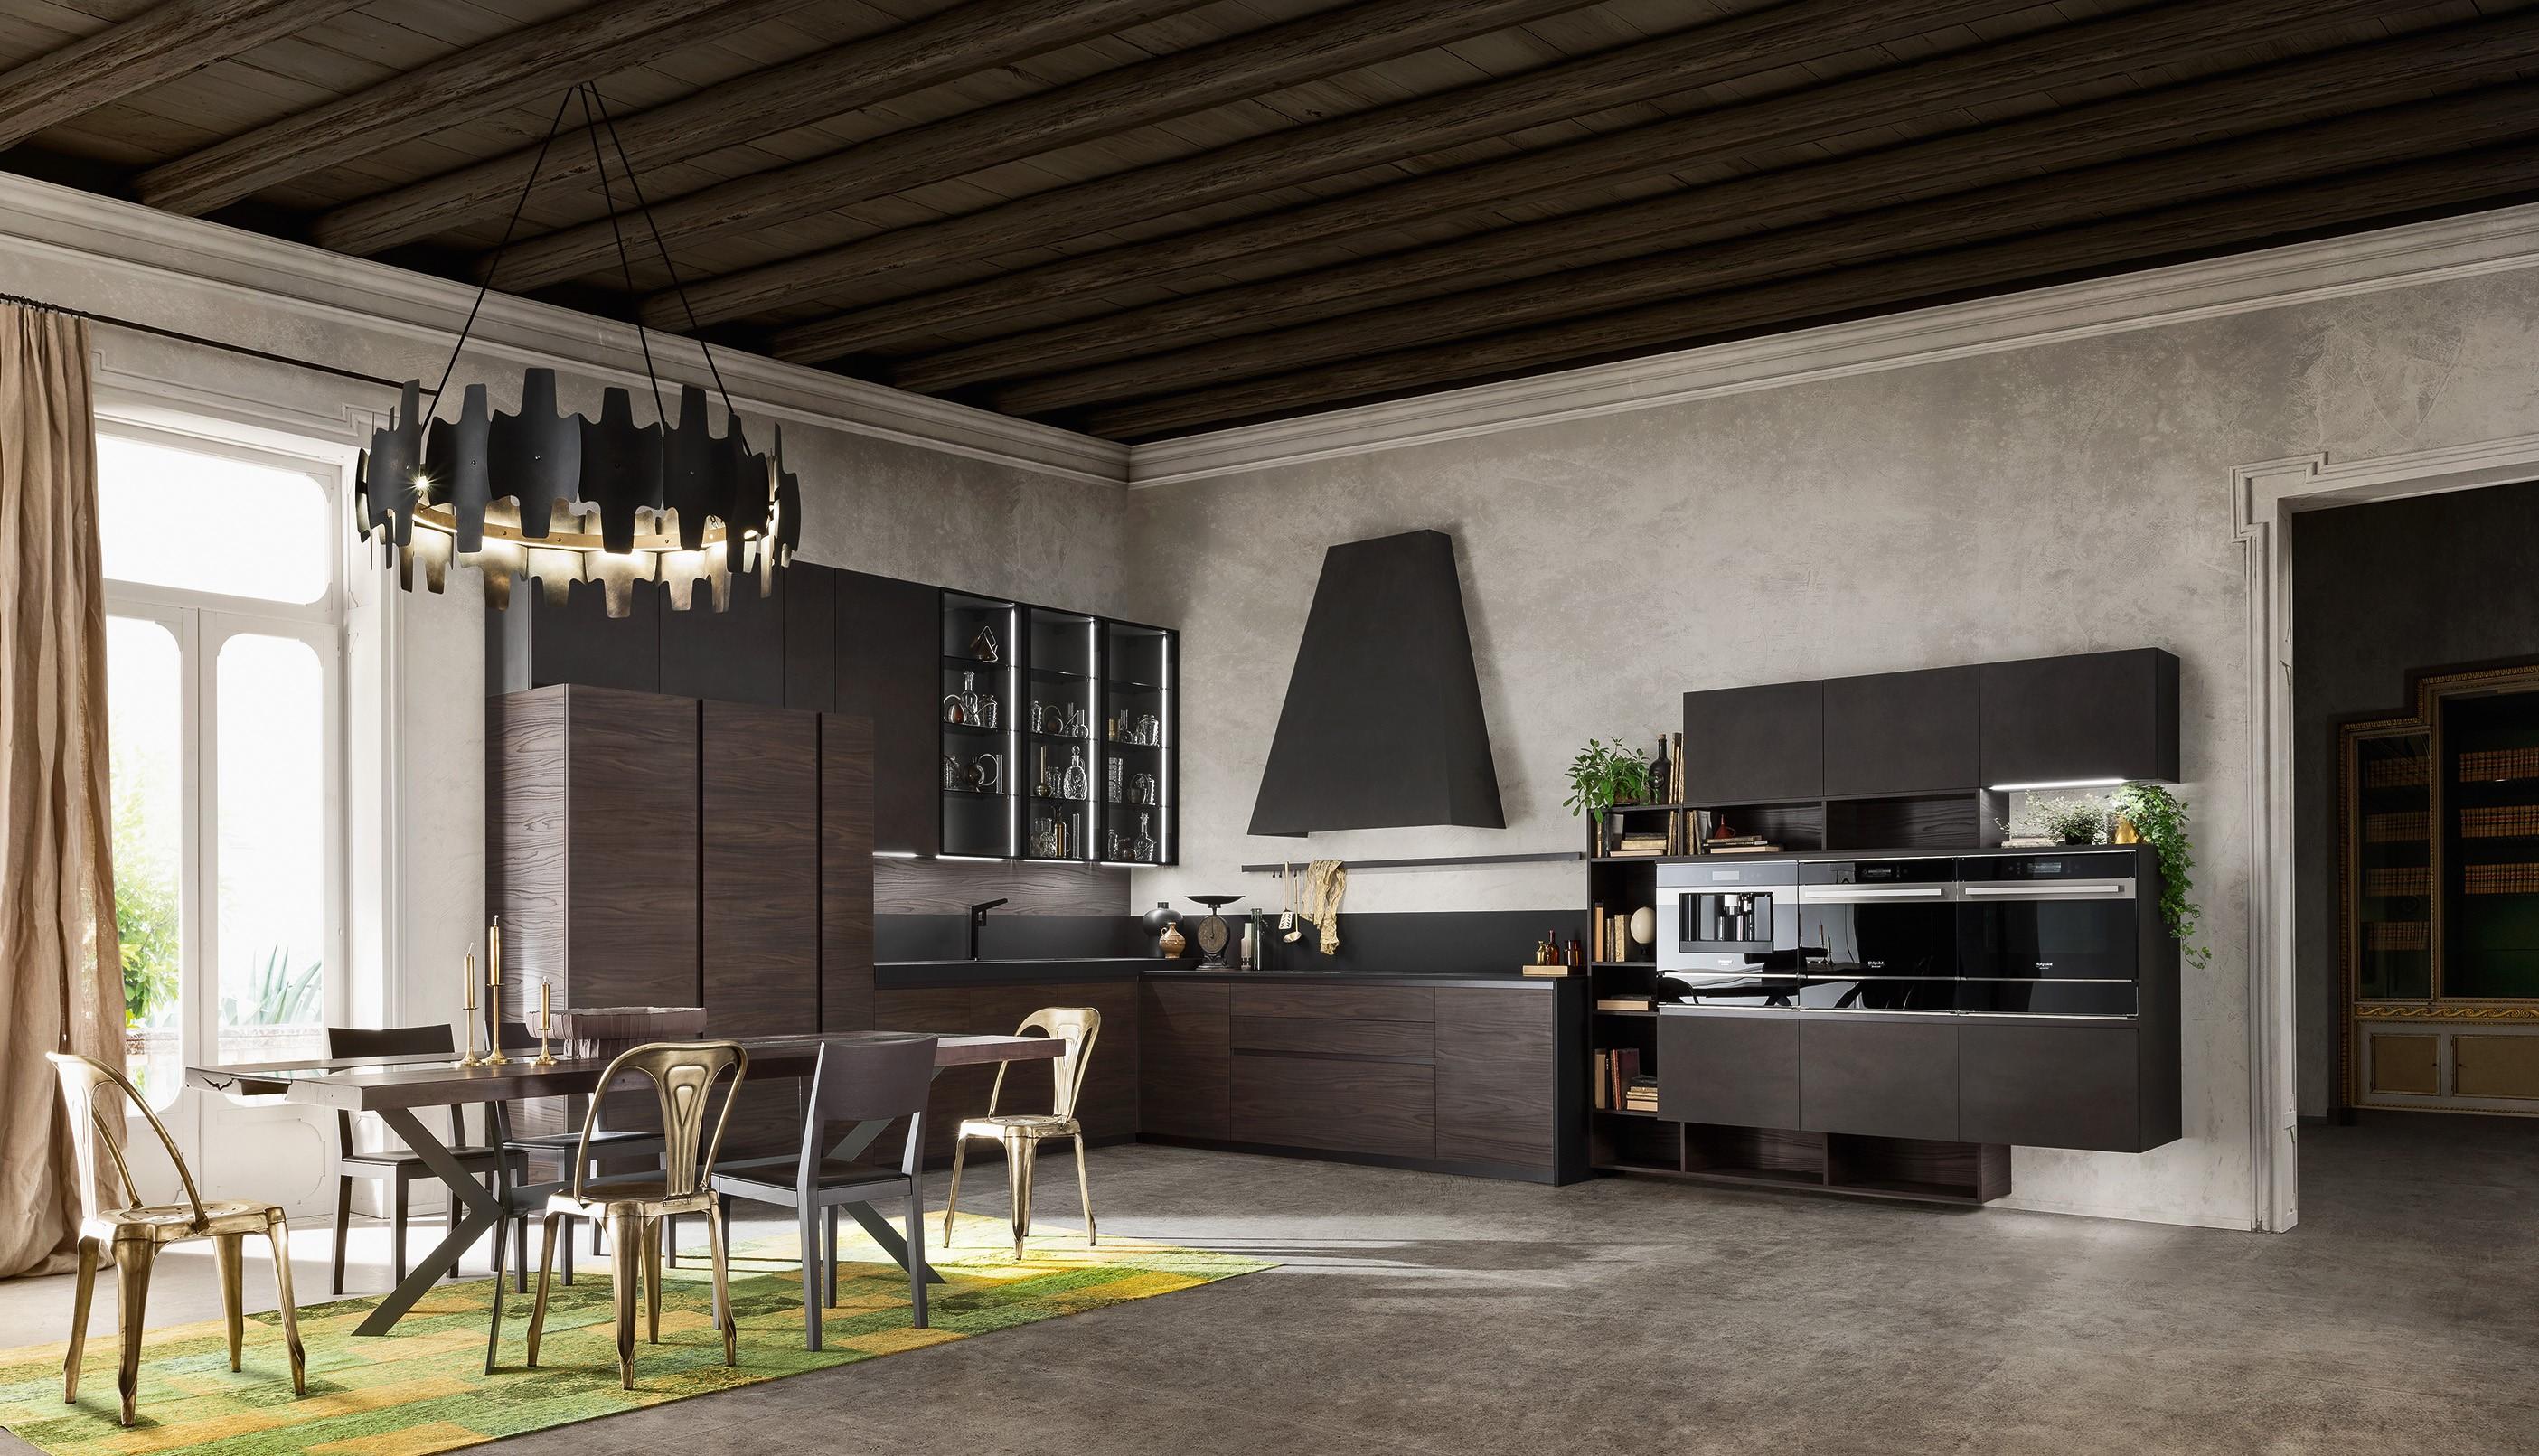 Cucine di design la qualit e la tecnologia delle proposte ar tre nel modello rebel - Cucine di qualita ...